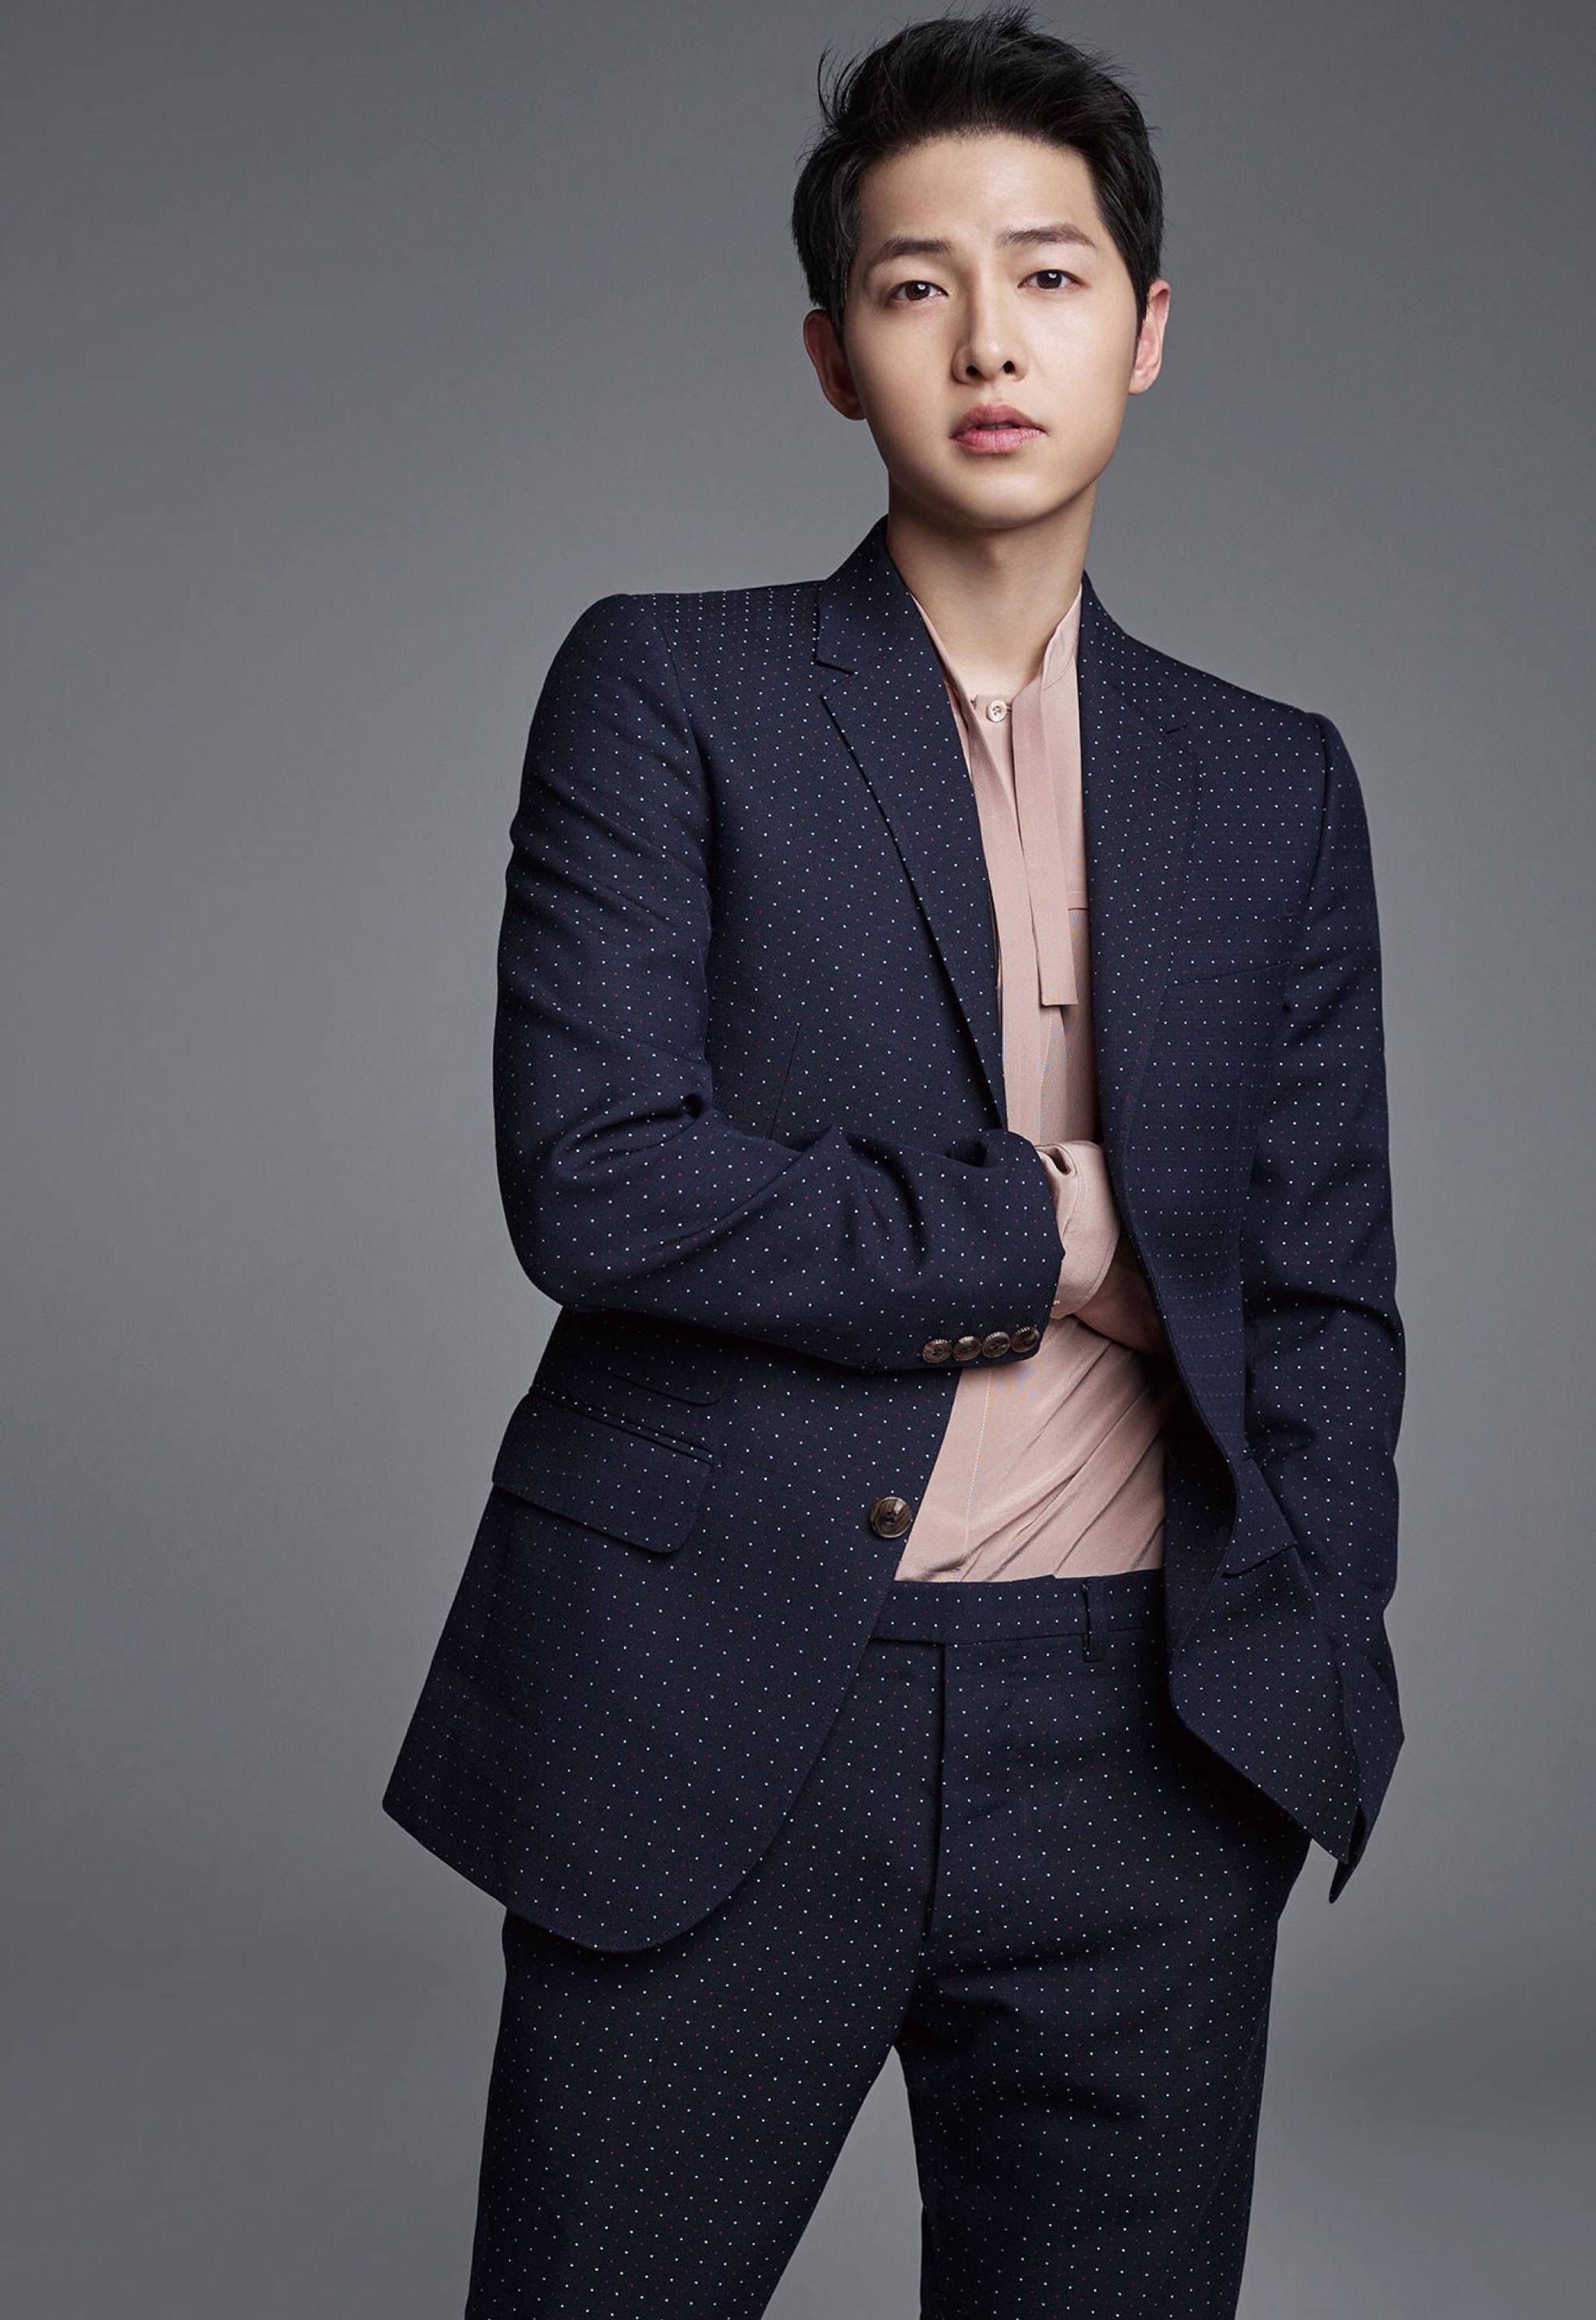 Hậu ly hôn, Song Joong Ki chứng tỏ sức hút chẳng kém cạnh Song Hye Kyo khi nghiễm nhiên lọt top 'nam thần' Hàn Quốc 0